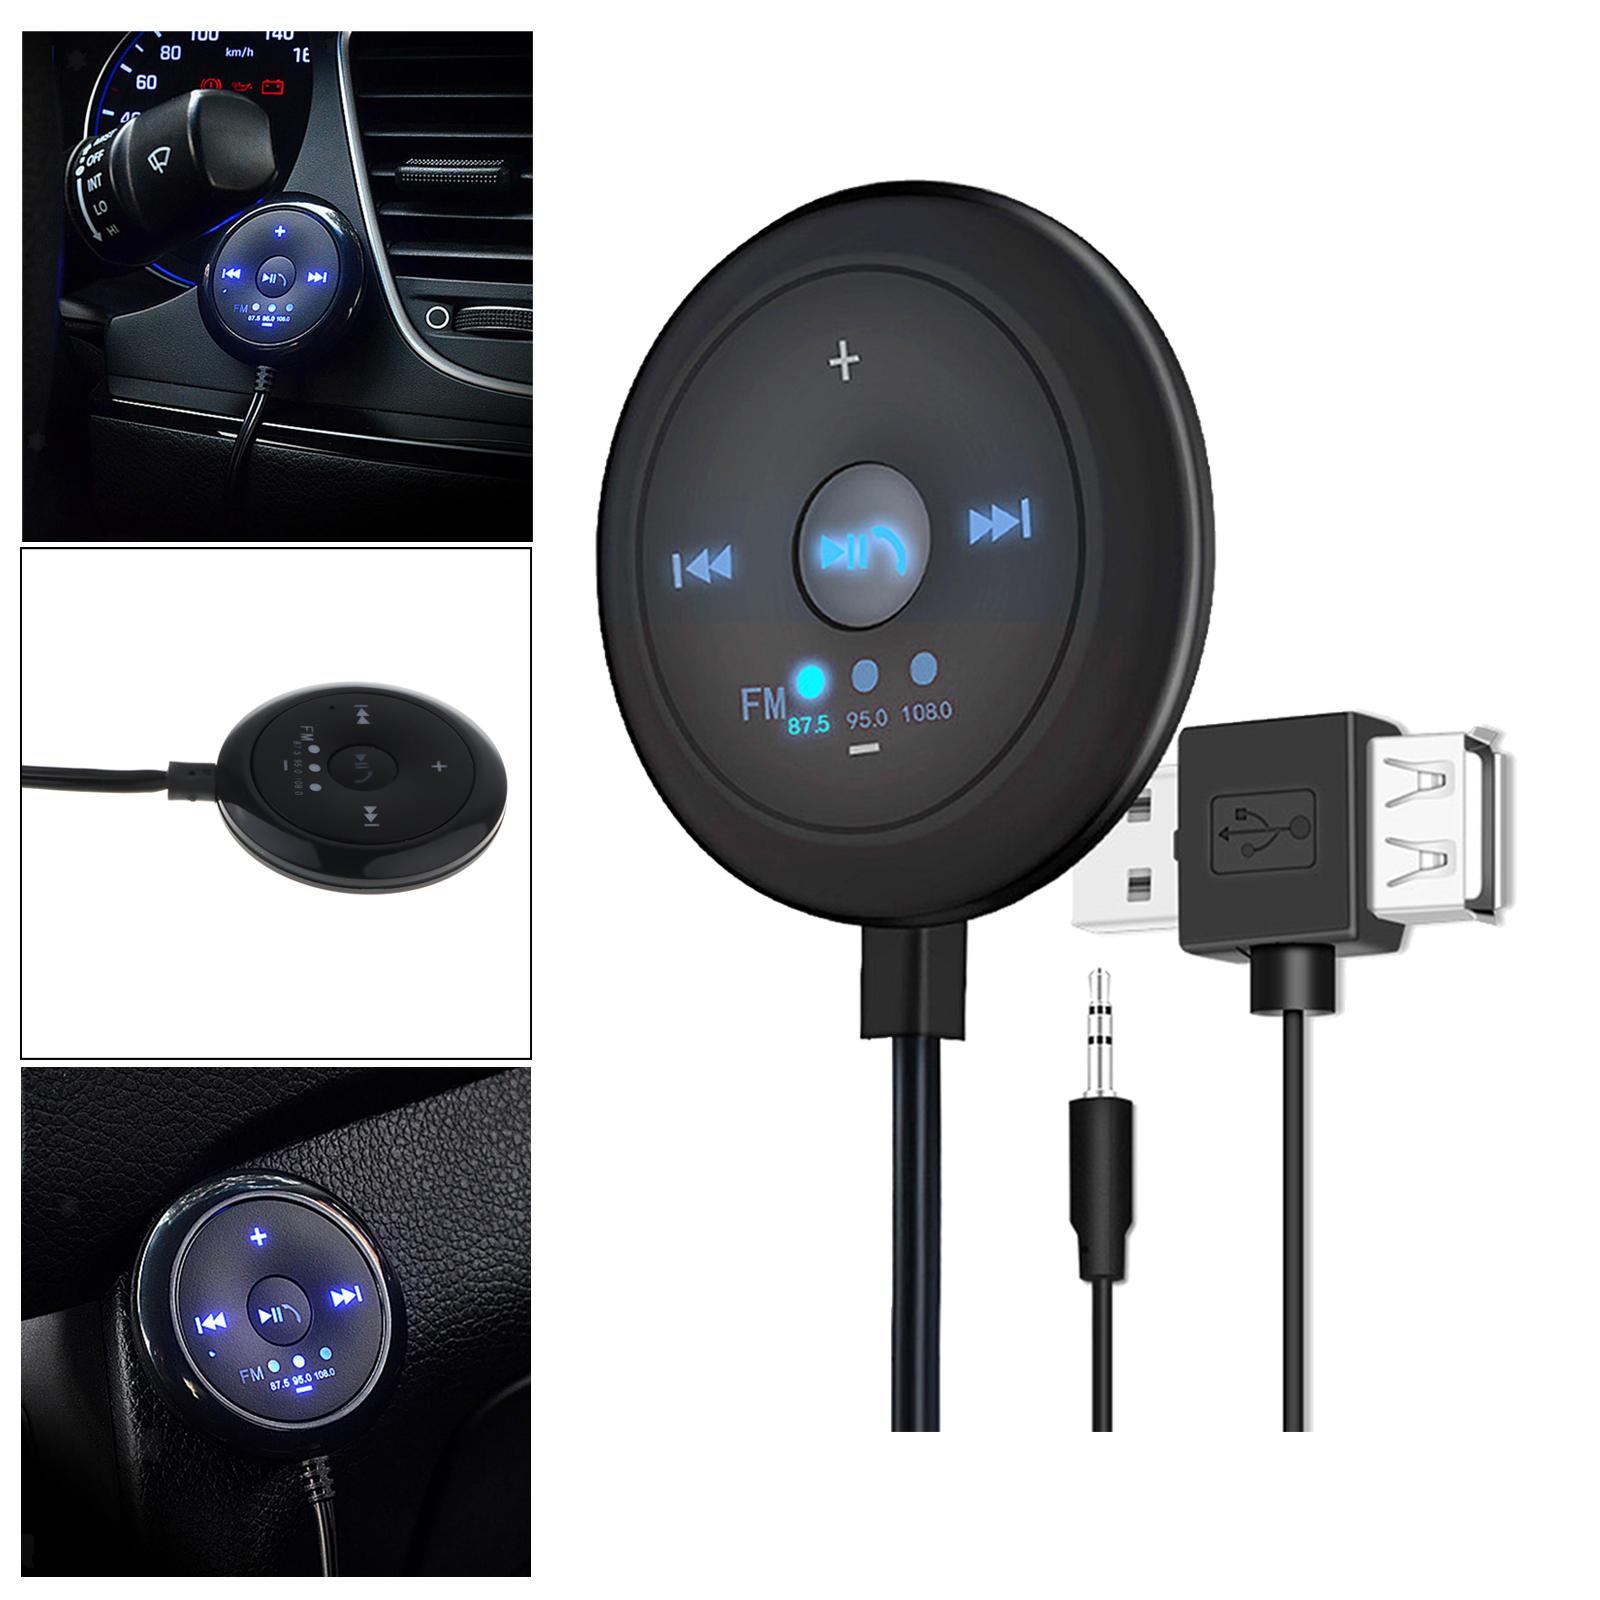 Indexbild 6 - AUX Audio Adapter 2 in 1 FM Transmitter Basis Eingebaute Mic 5x5x1,7 cm für